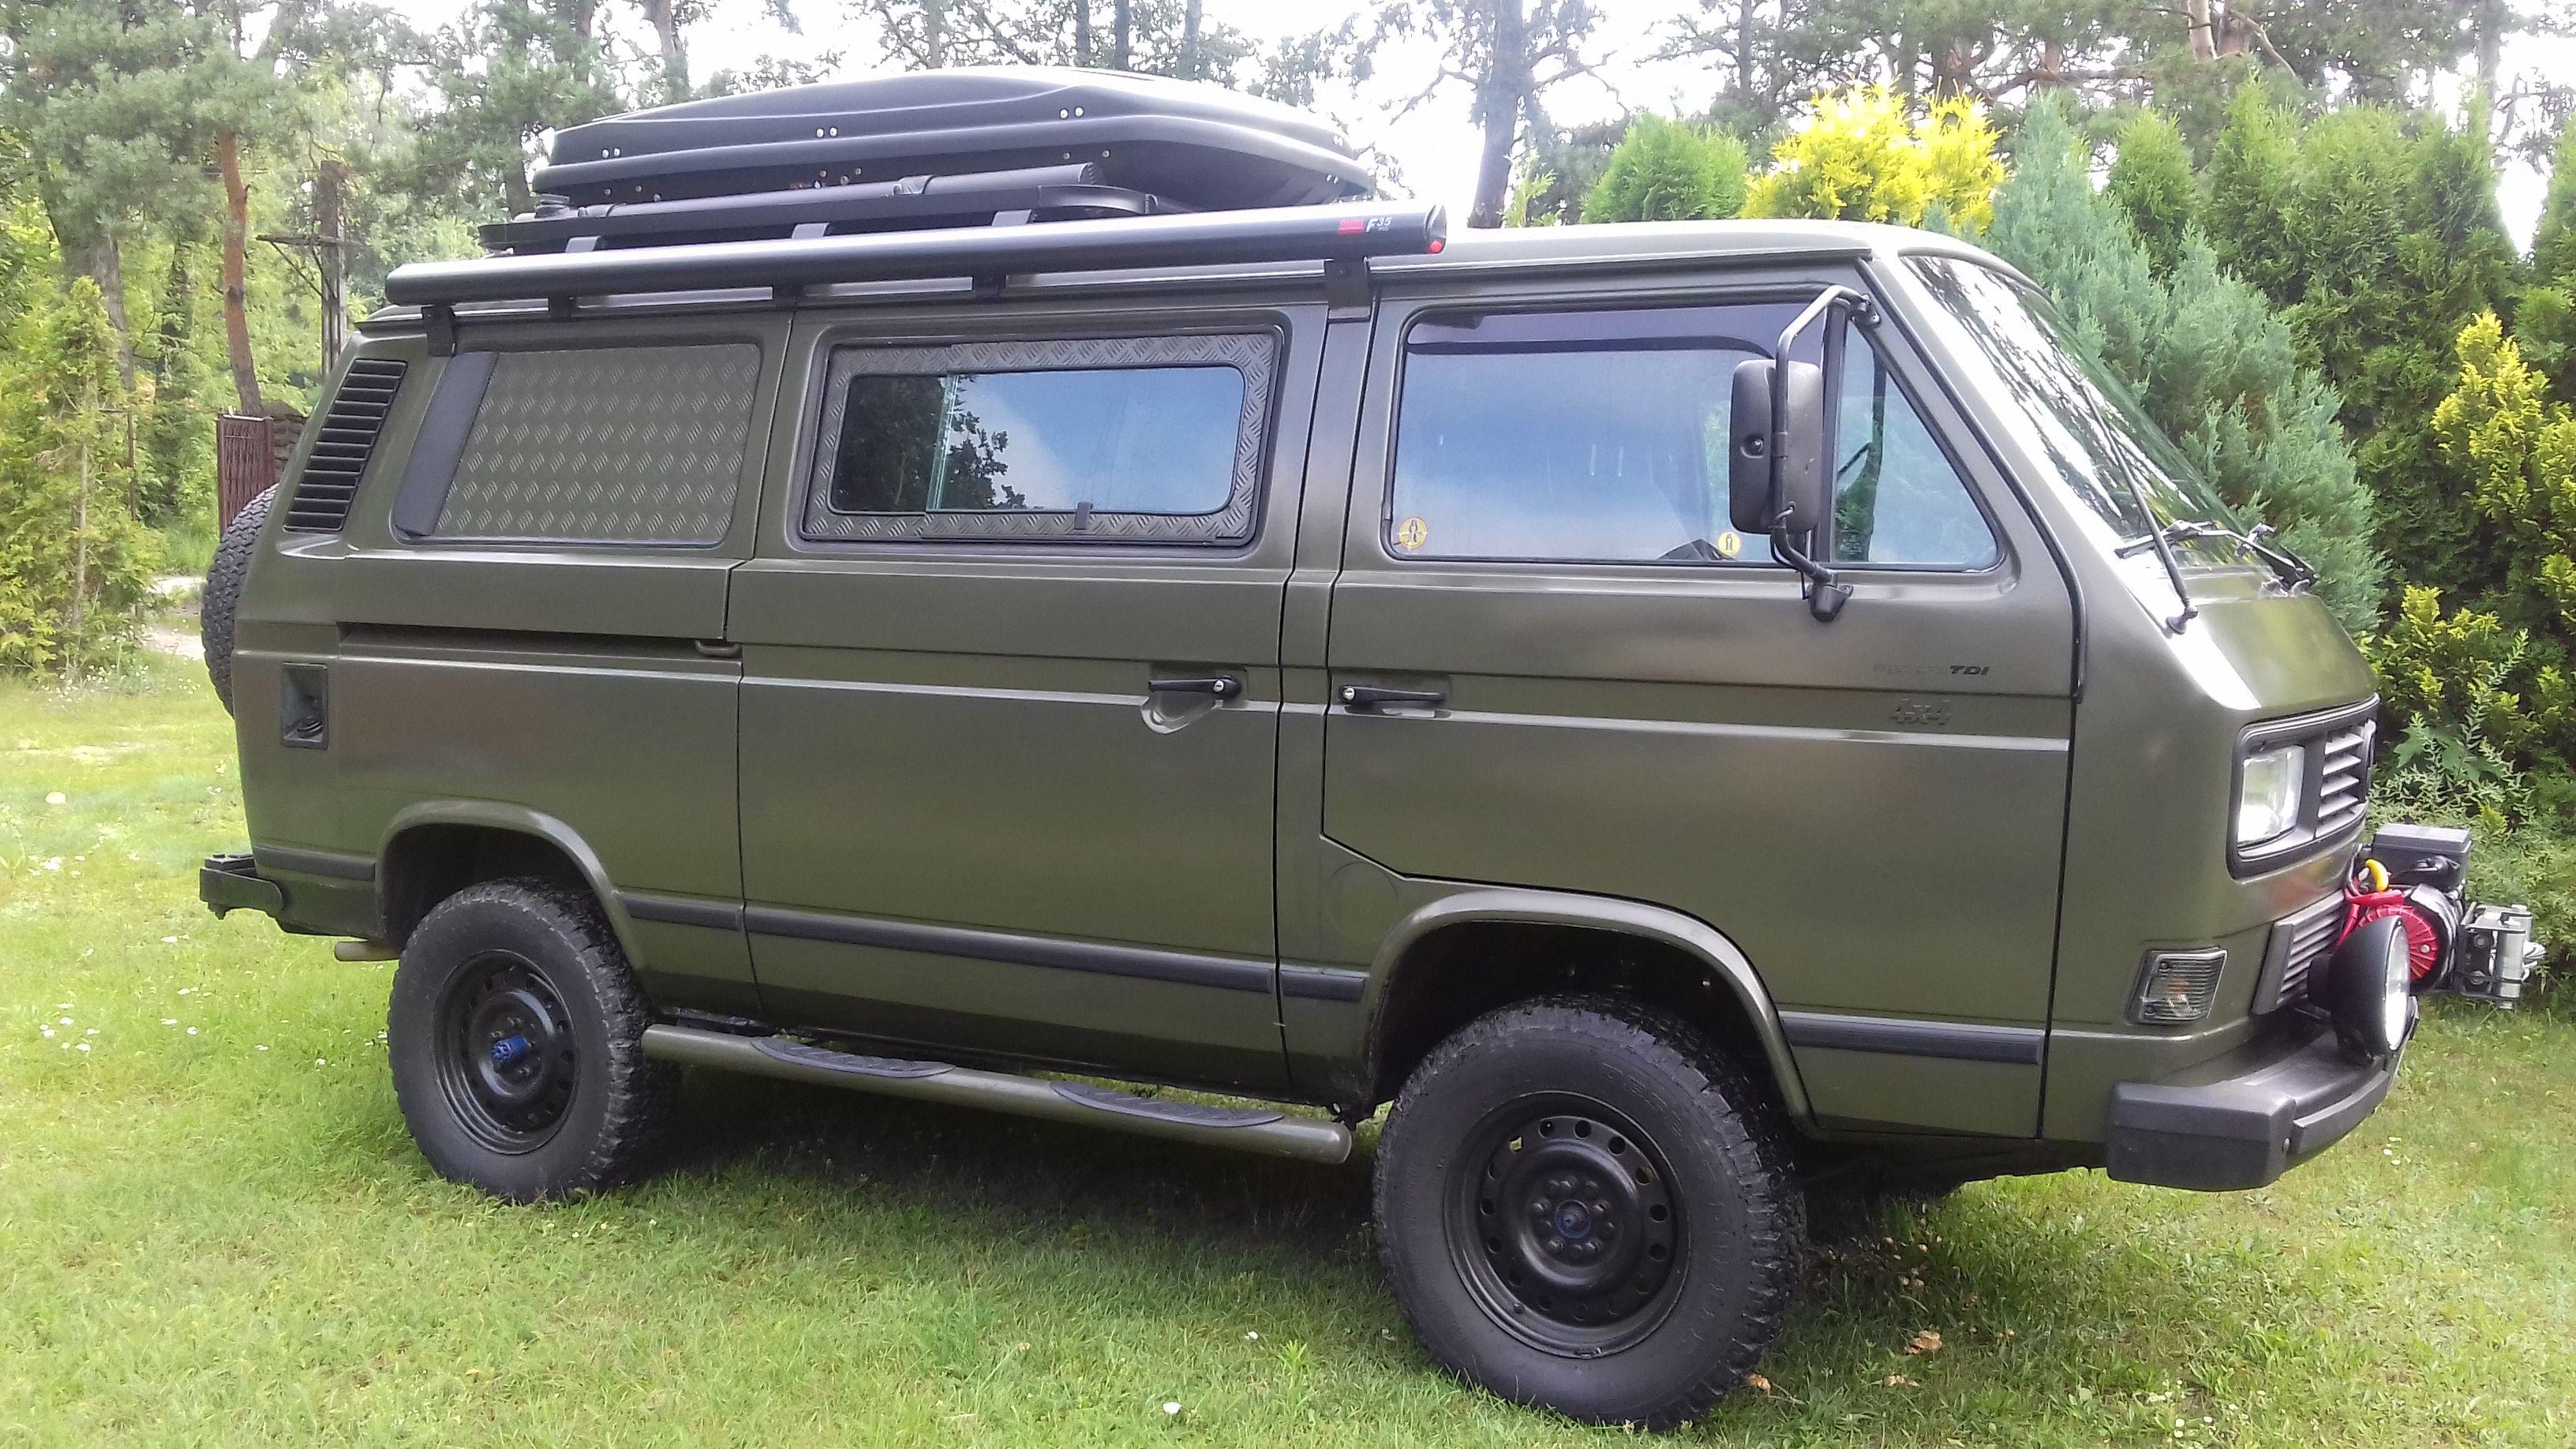 Vw T3 Syncro 1 9tdi Camper Mit Zwei Sperre Und Decoupler Forst61 Interia Pl Vw Vanagon Vw Van Vw Bus T3